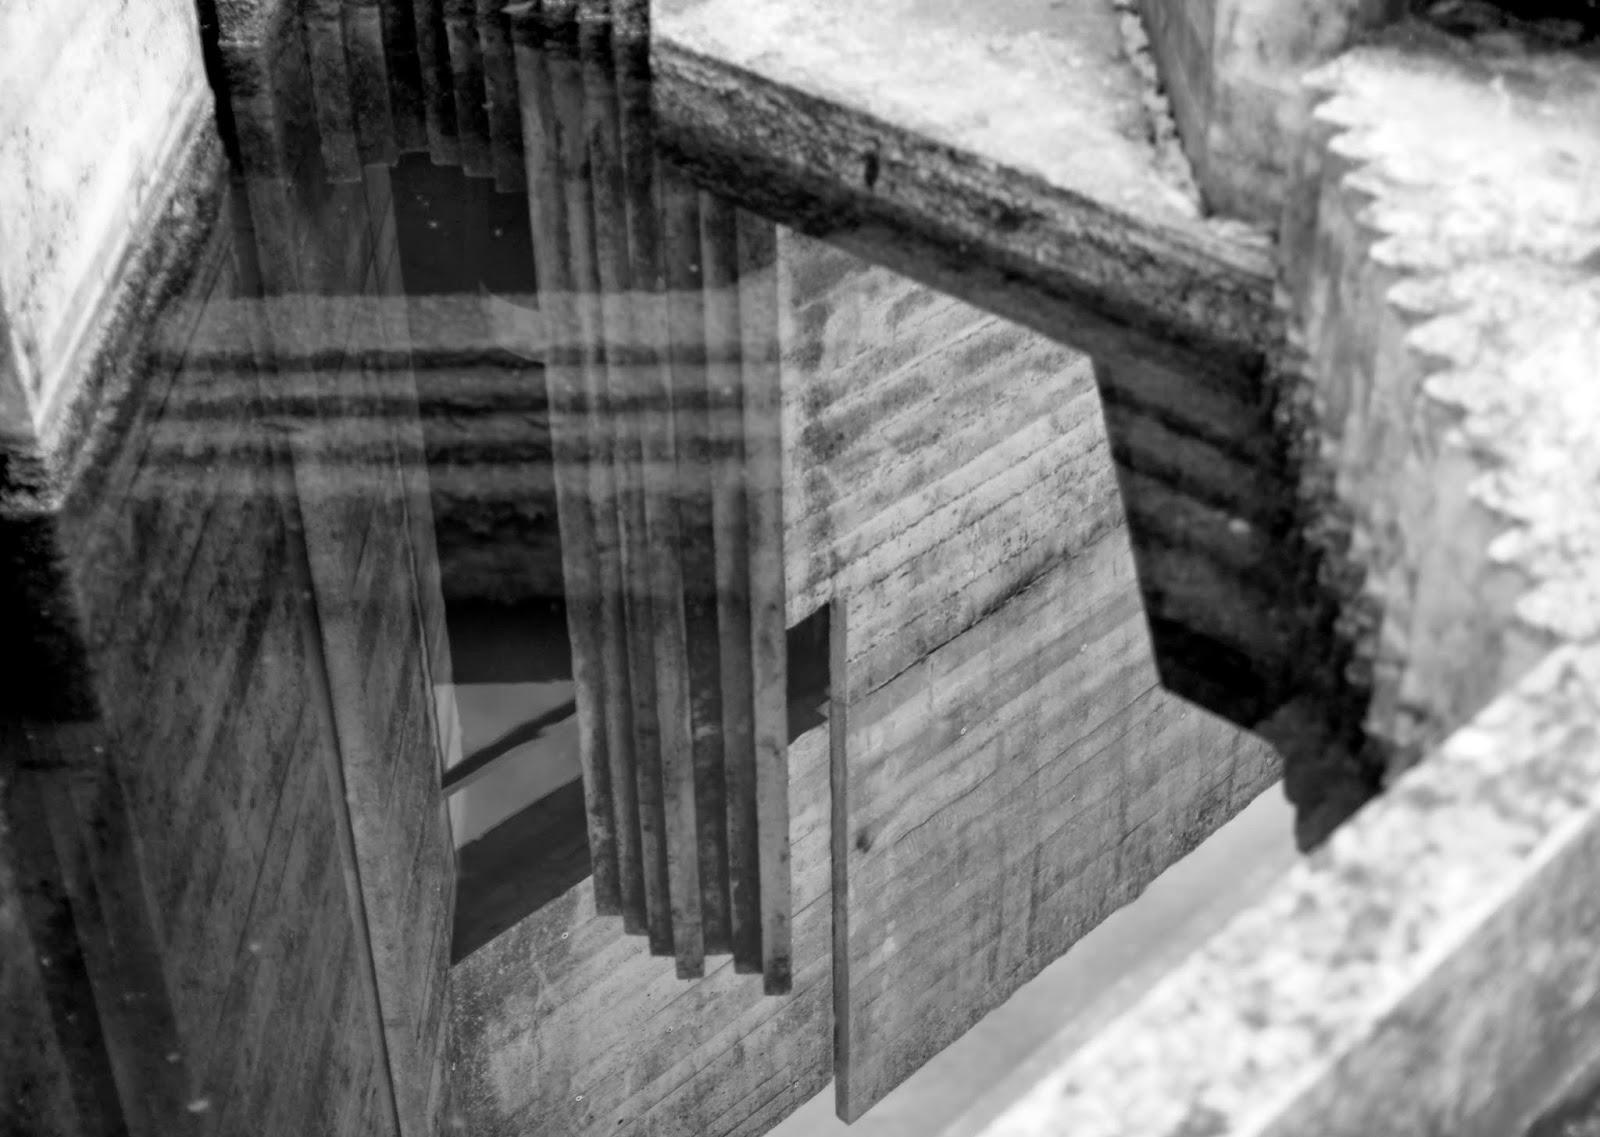 Carlo scarpa tomba brion capturing architecture for Carlo scarpa tomba